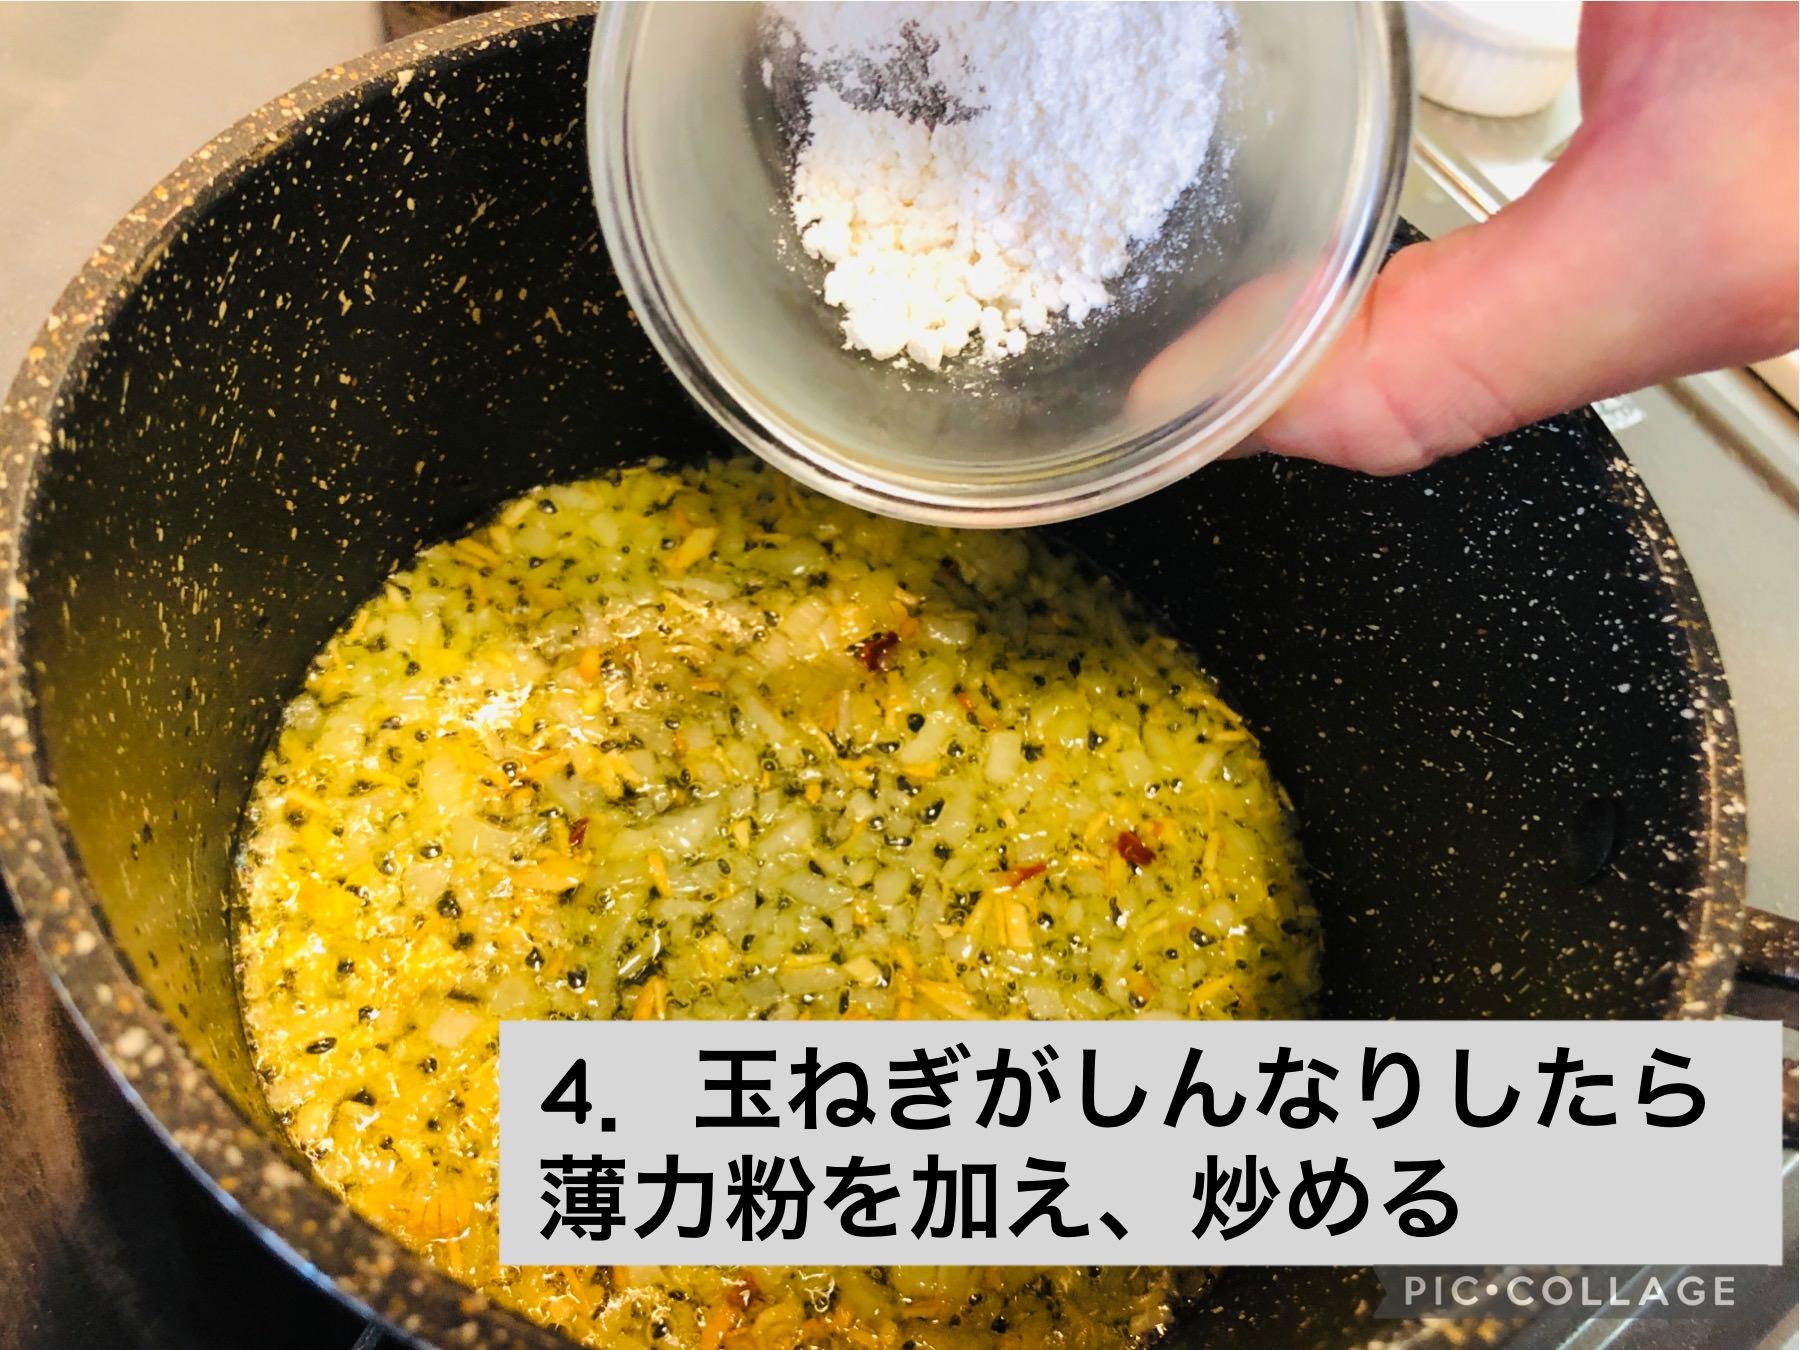 玉ねぎがしんなりしてきたら、小麦粉を加える様子の画像です